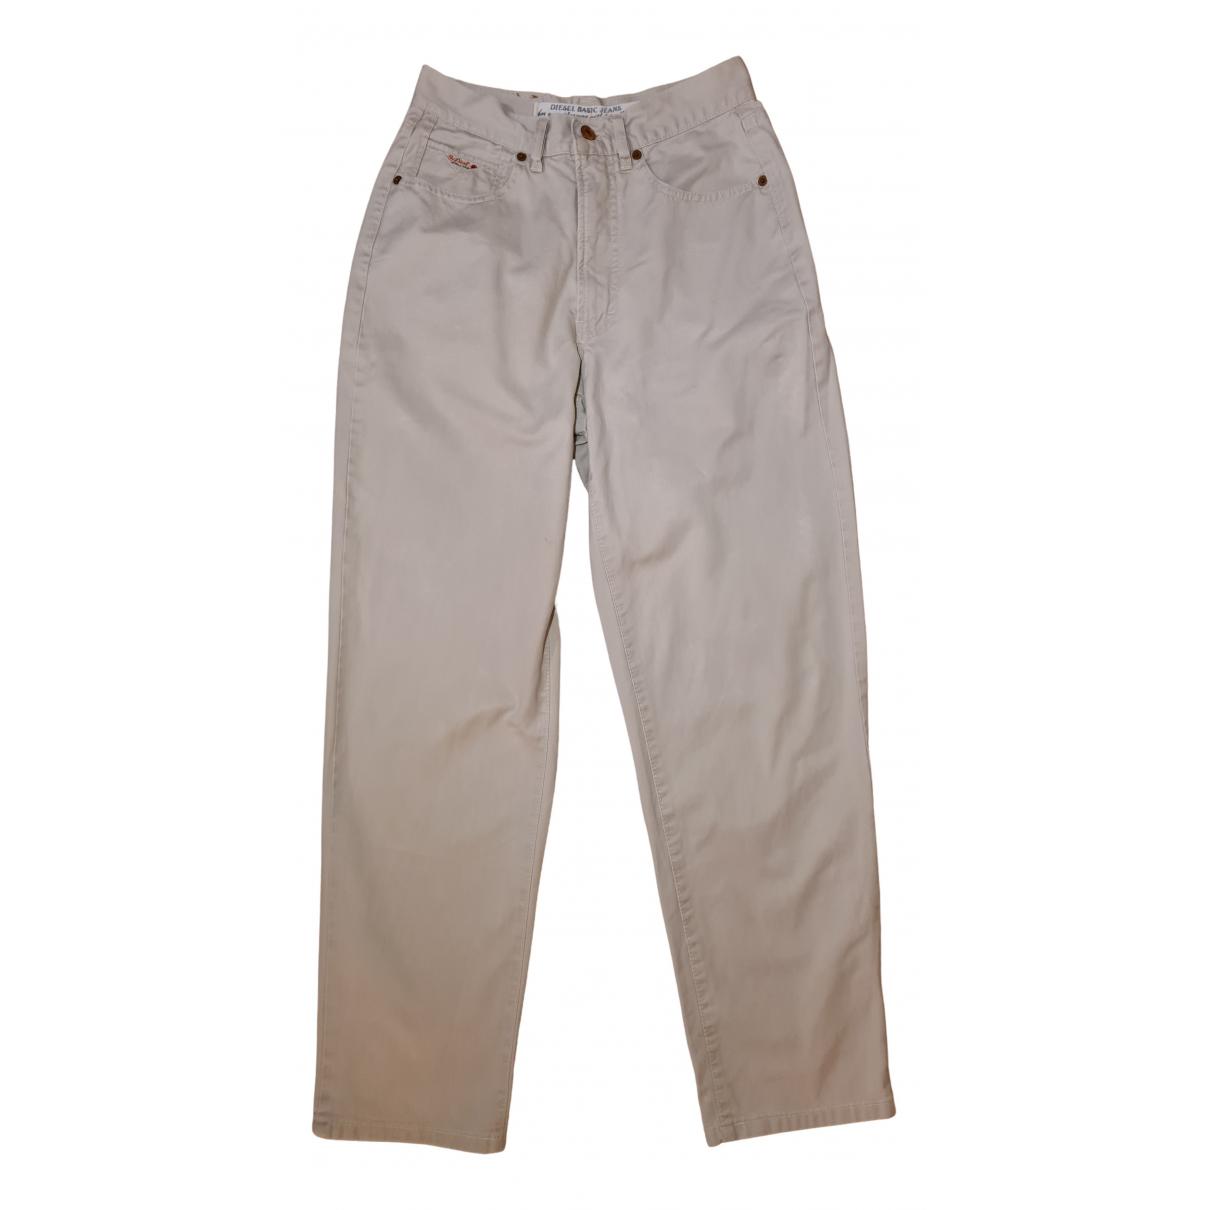 Diesel N Ecru Cotton Trousers for Women XL International